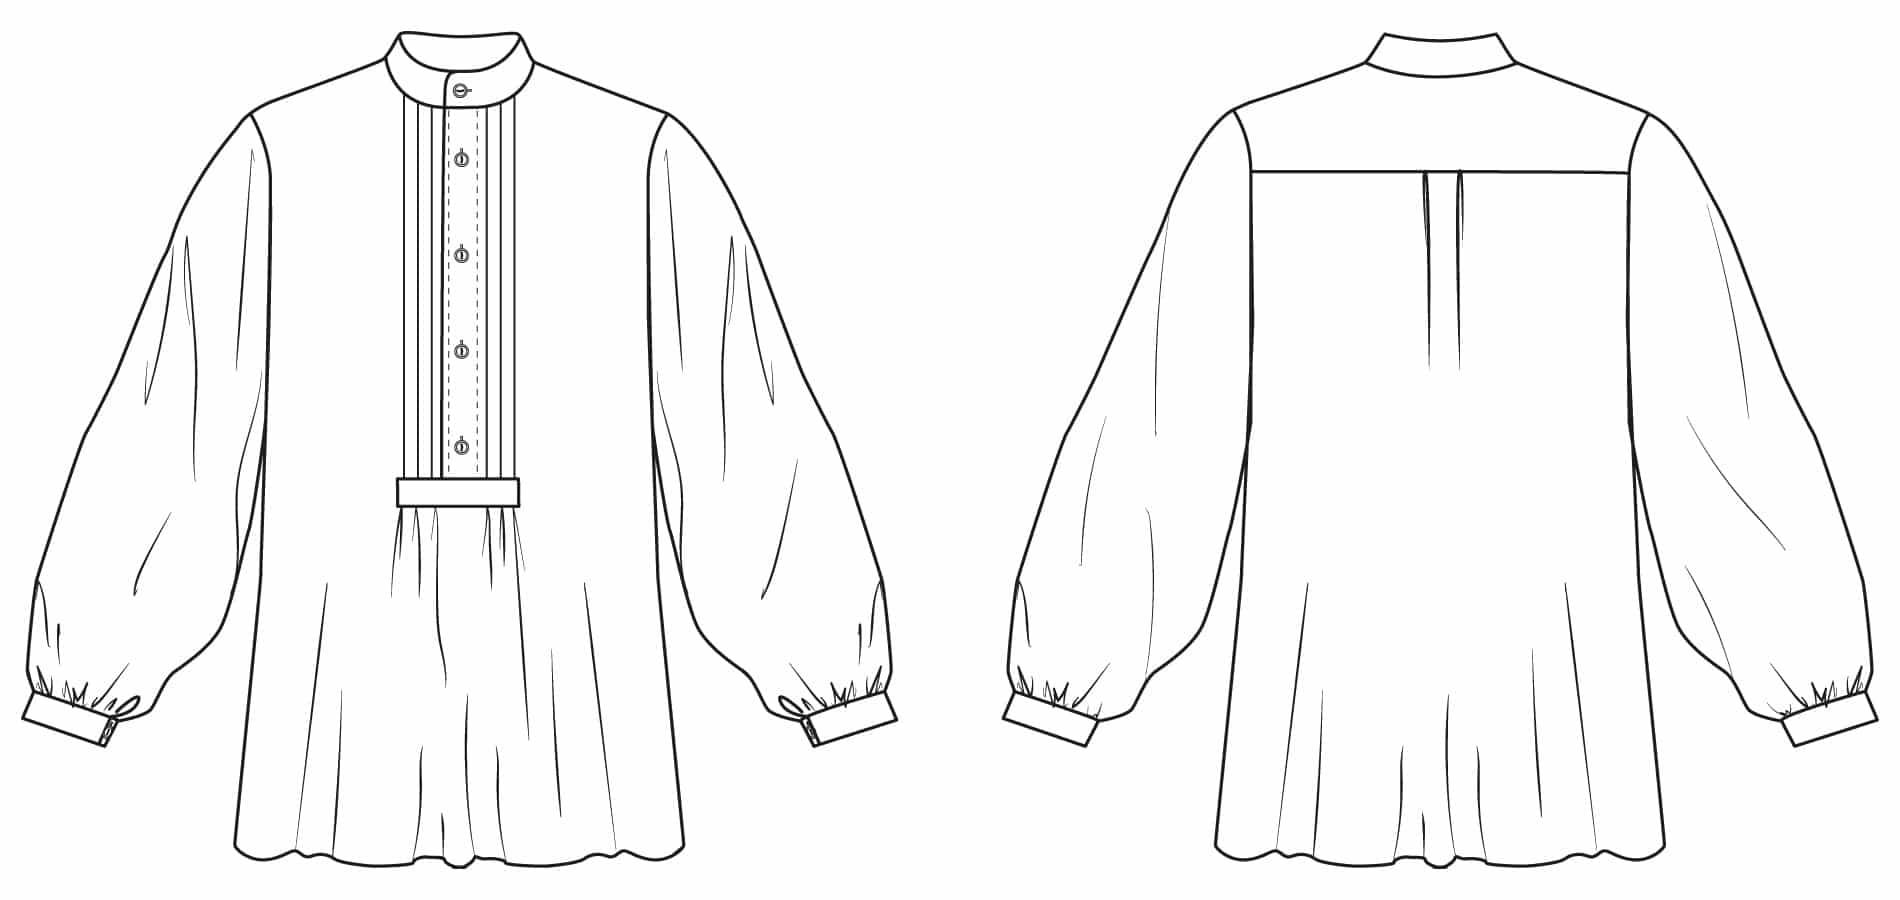 Ansicht des Zunfthemdes für Herren